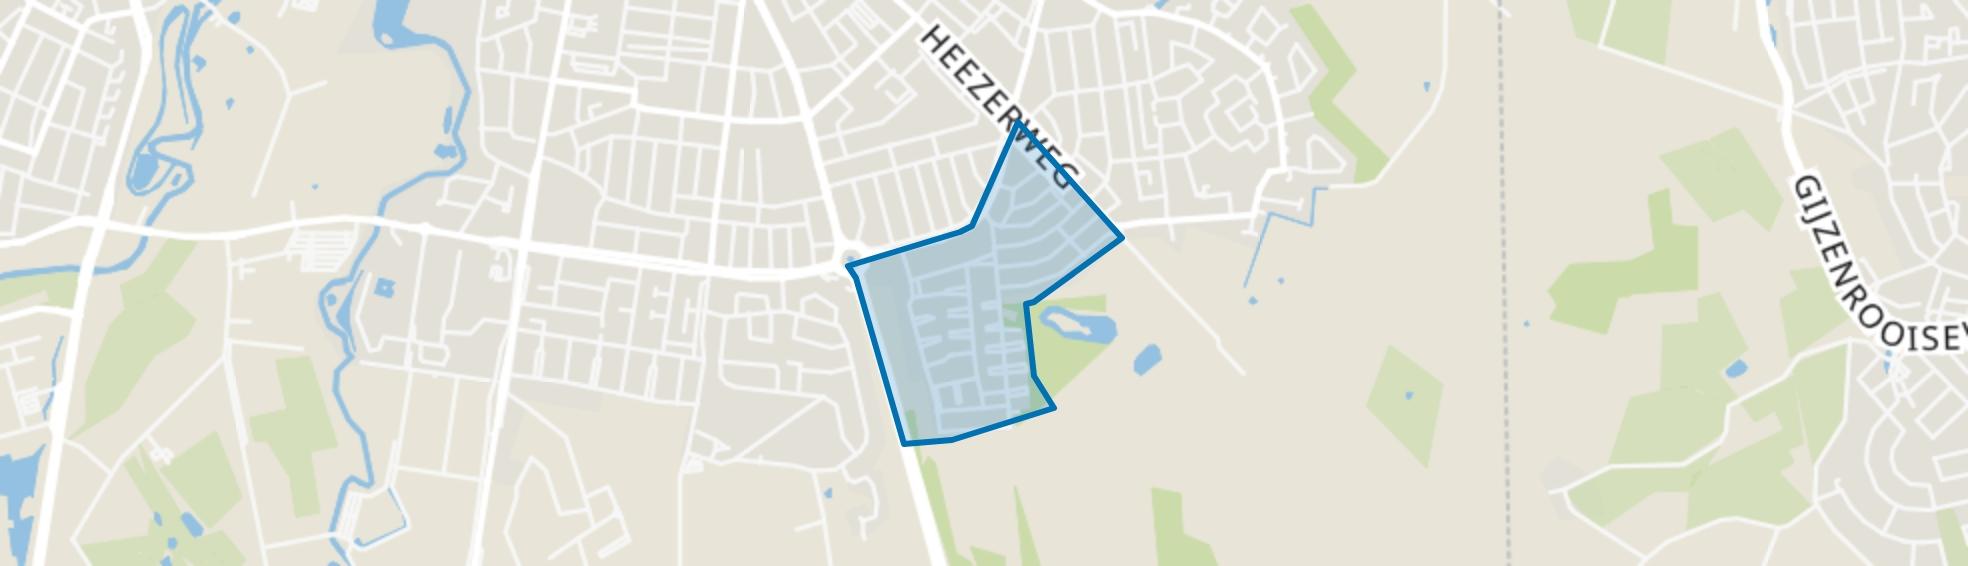 Schuttersbosch, Eindhoven map